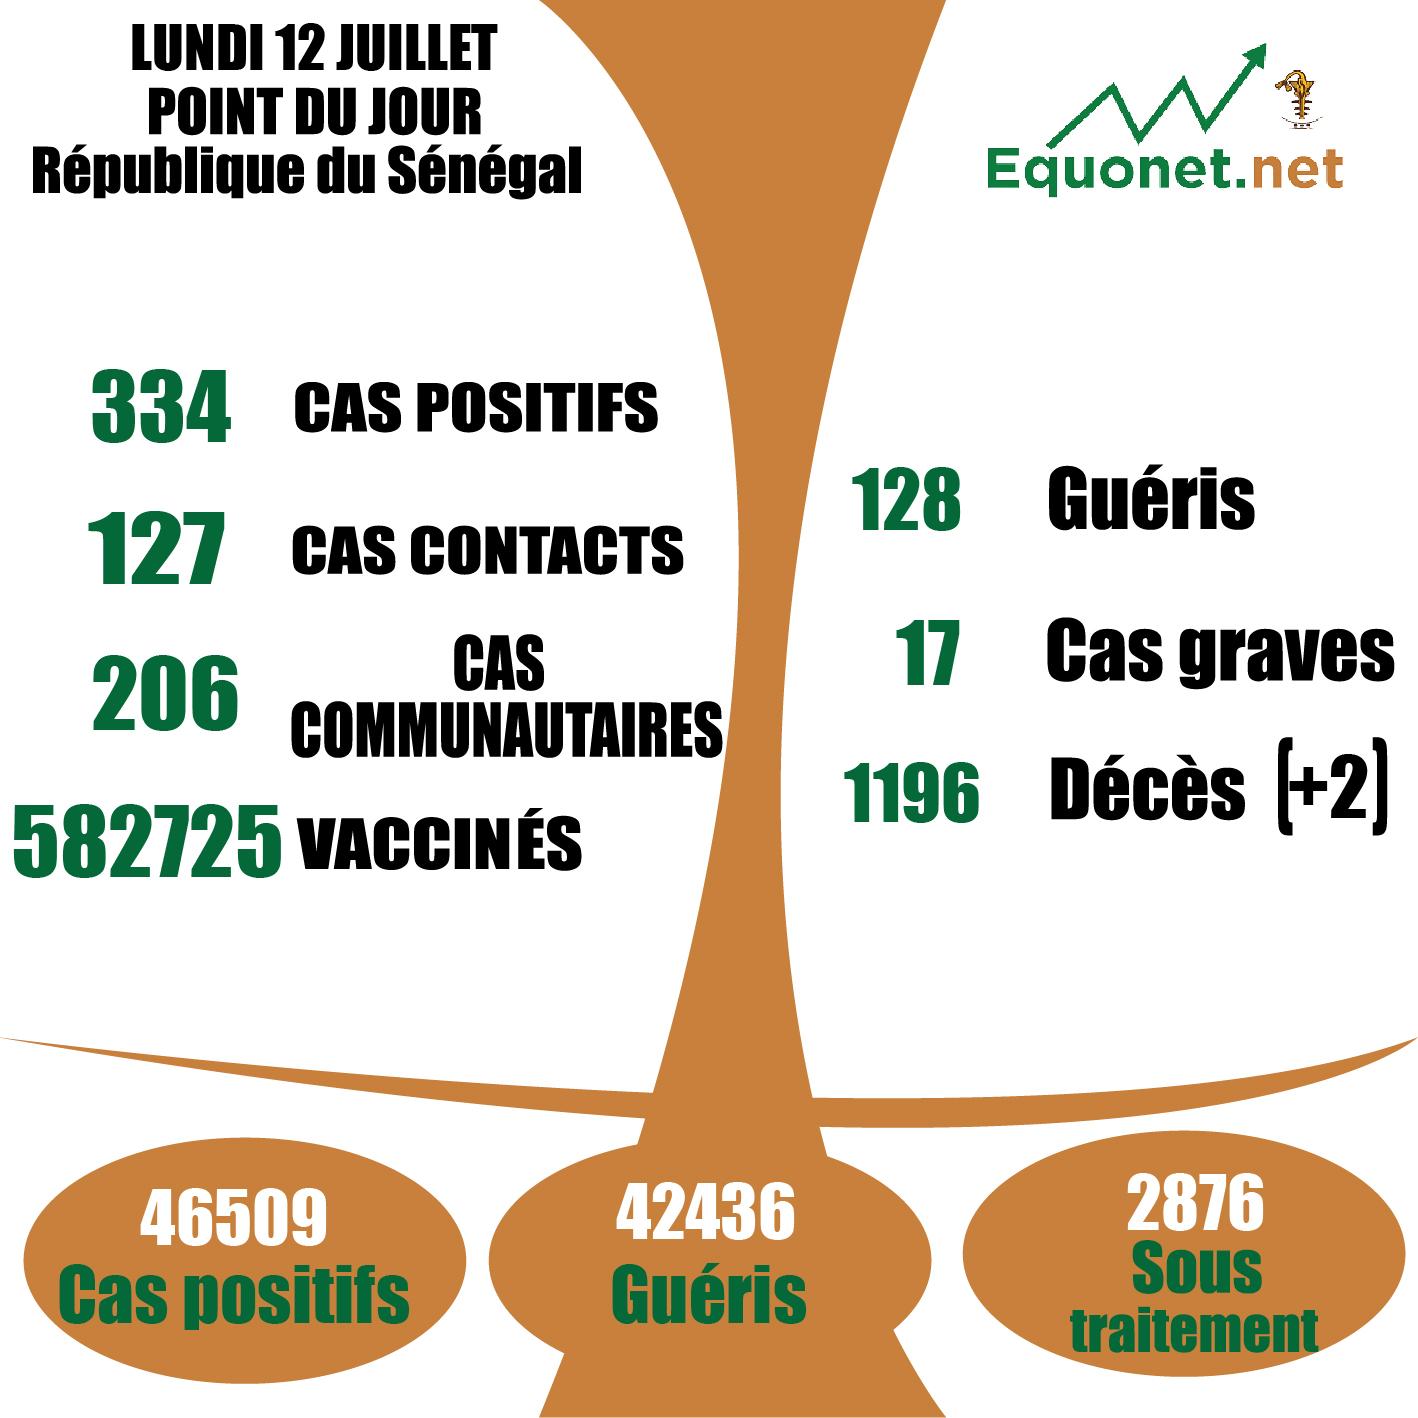 pandémie du coronavirus-covid-19 au Sénégal : 206 cas communautaires et 02 décès enregistrés ce lundi 12 juillet 2021